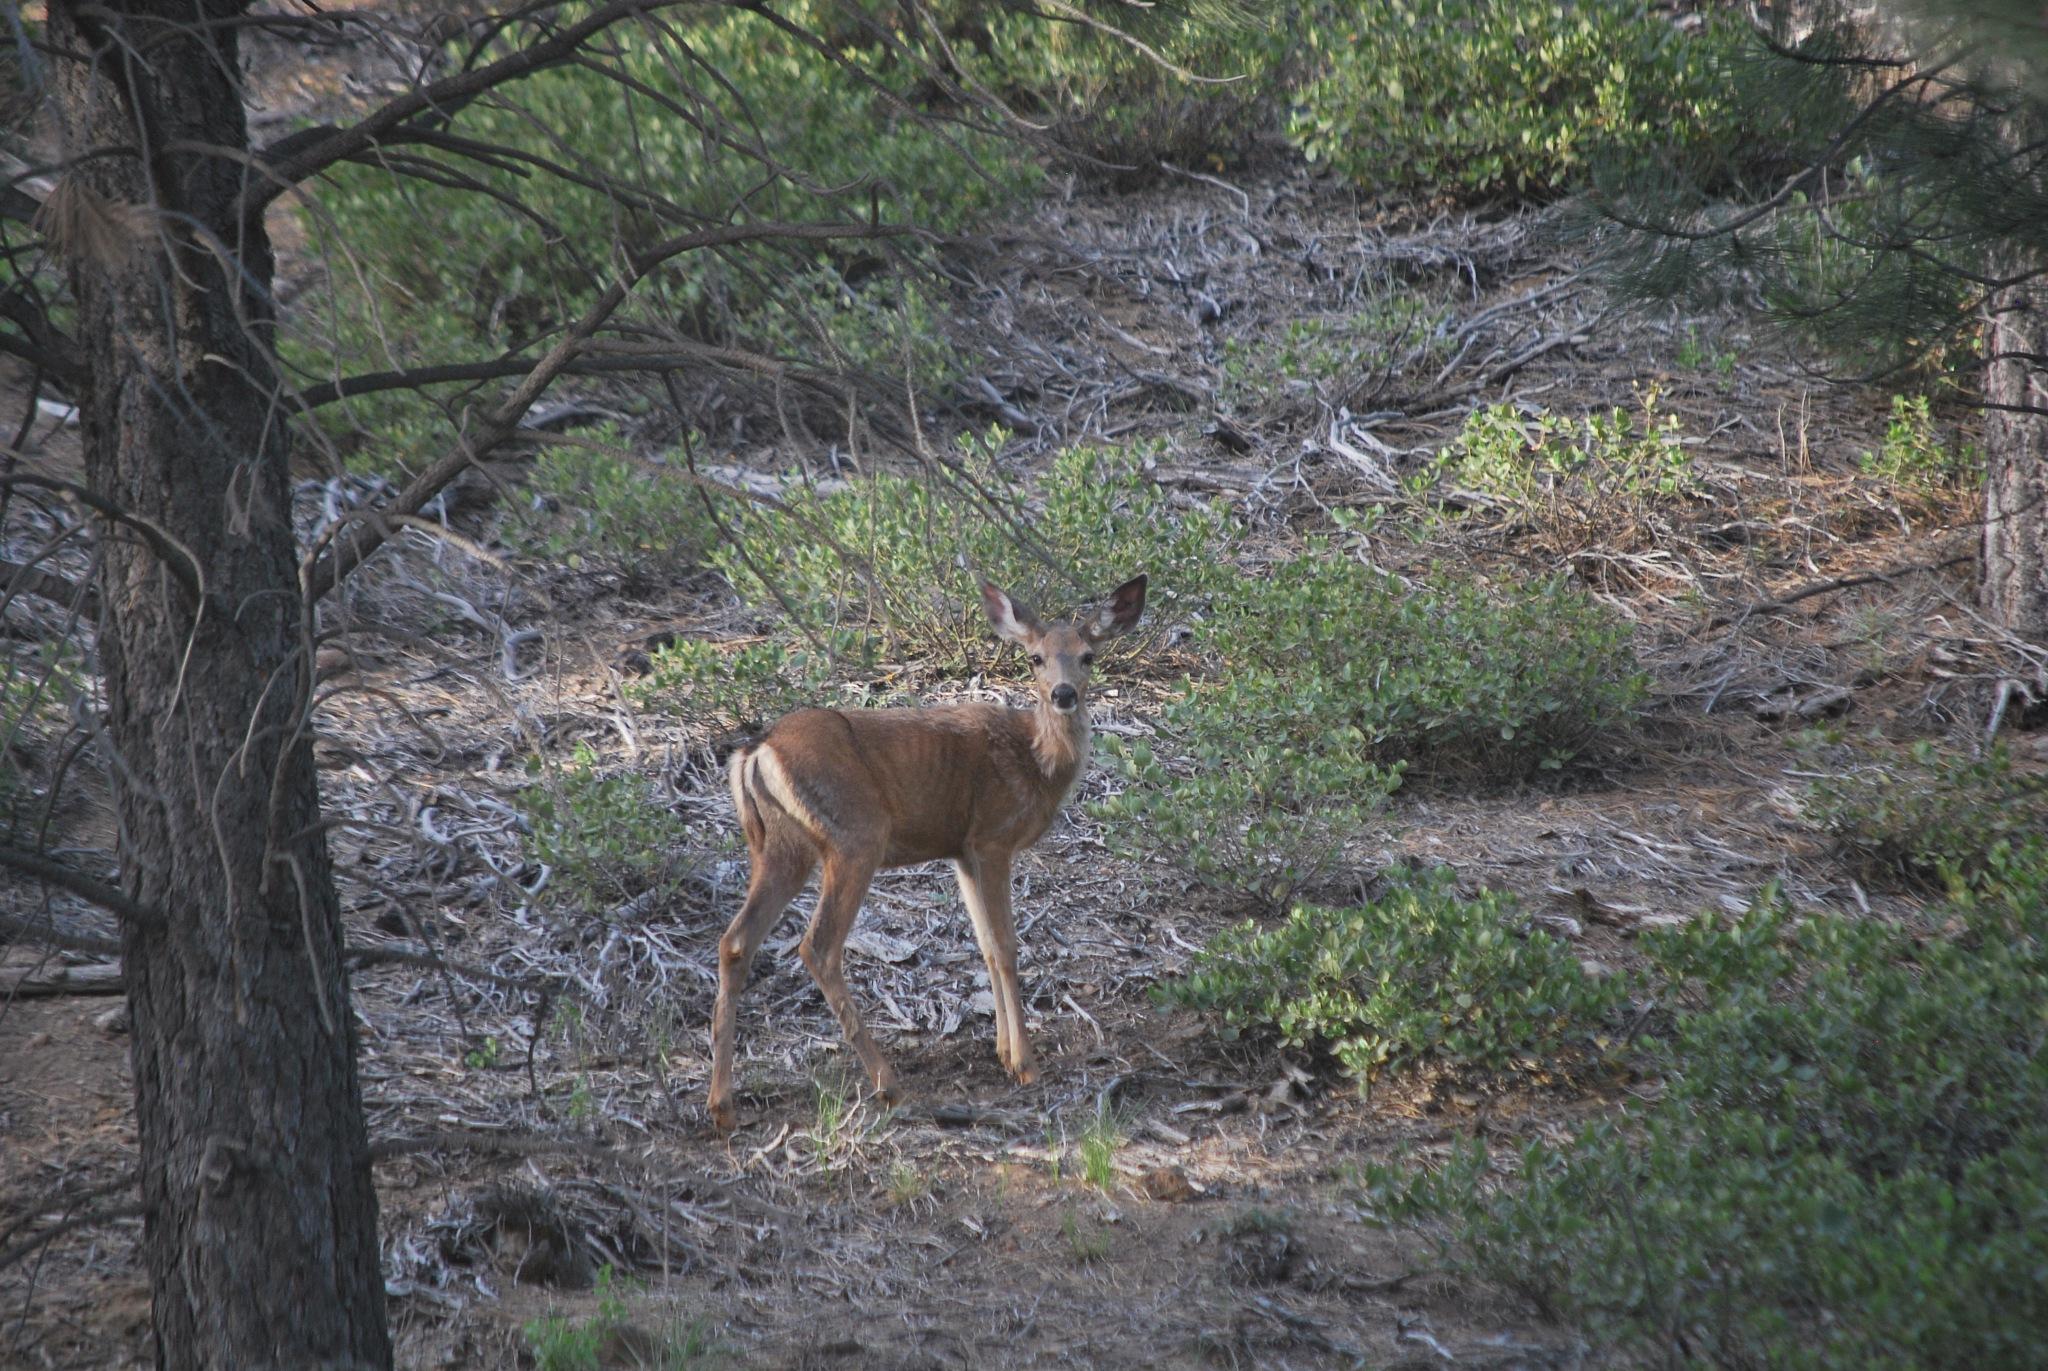 Mule deer by marilyn wirtz